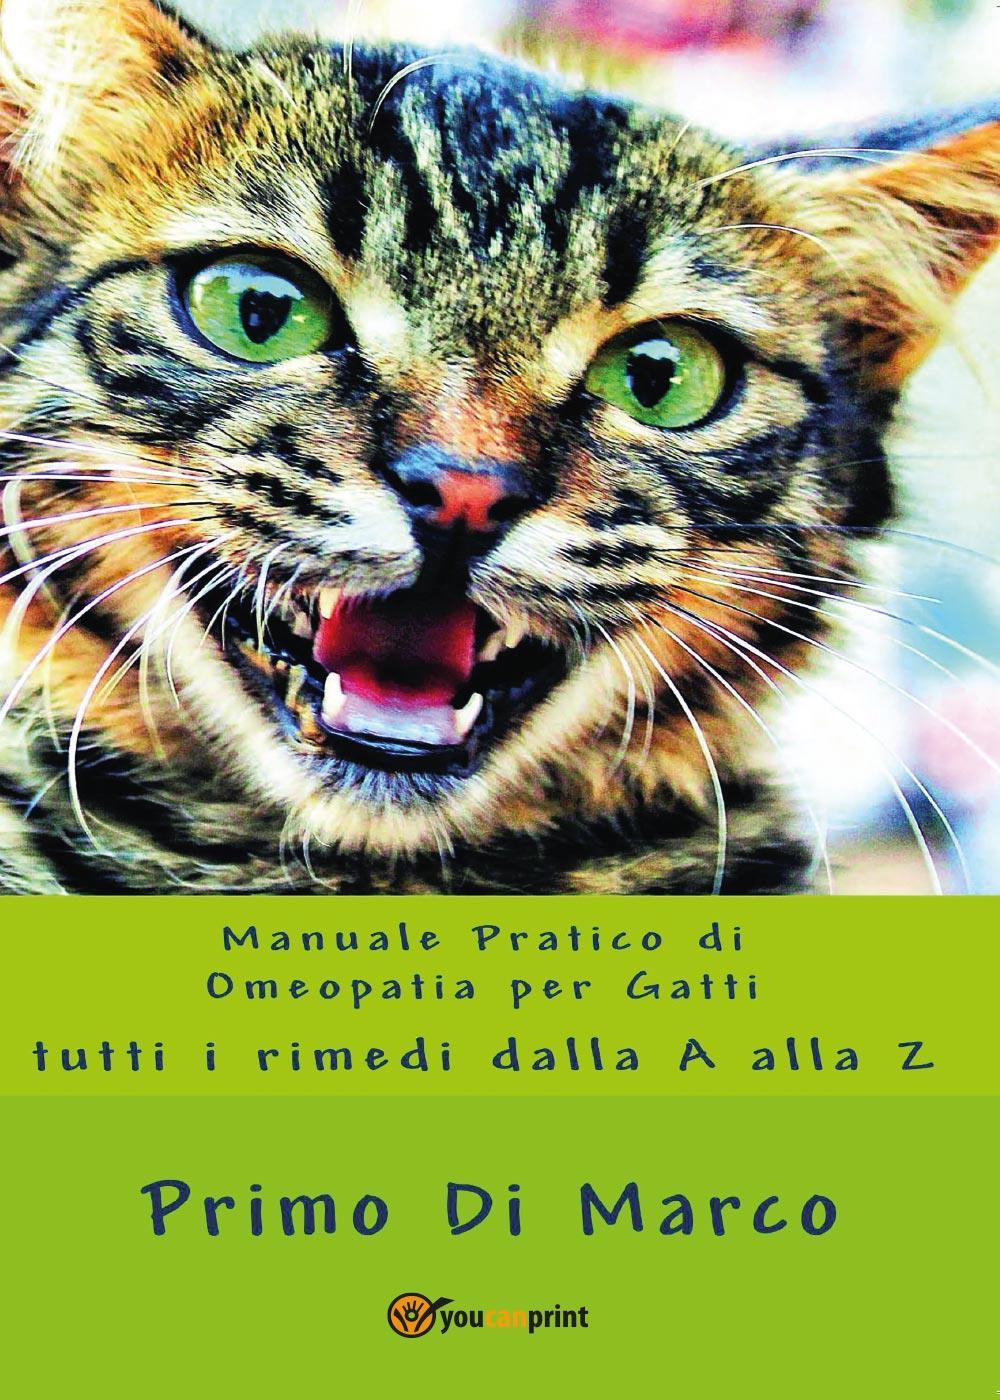 Manuale Pratico Omeopatia per Gatti